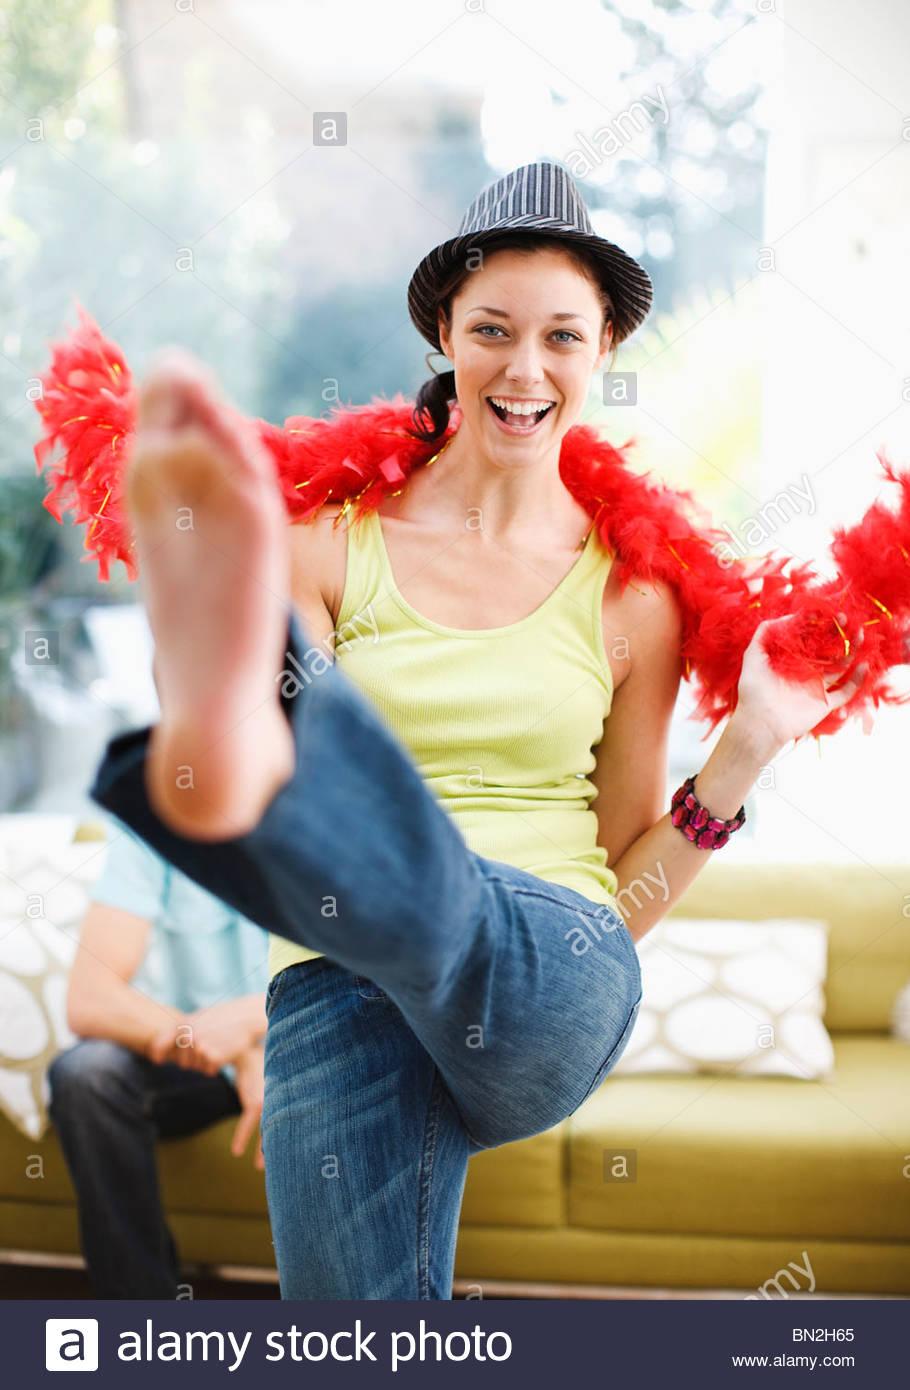 Mujer bailando en el sombrero y boa de plumas Imagen De Stock